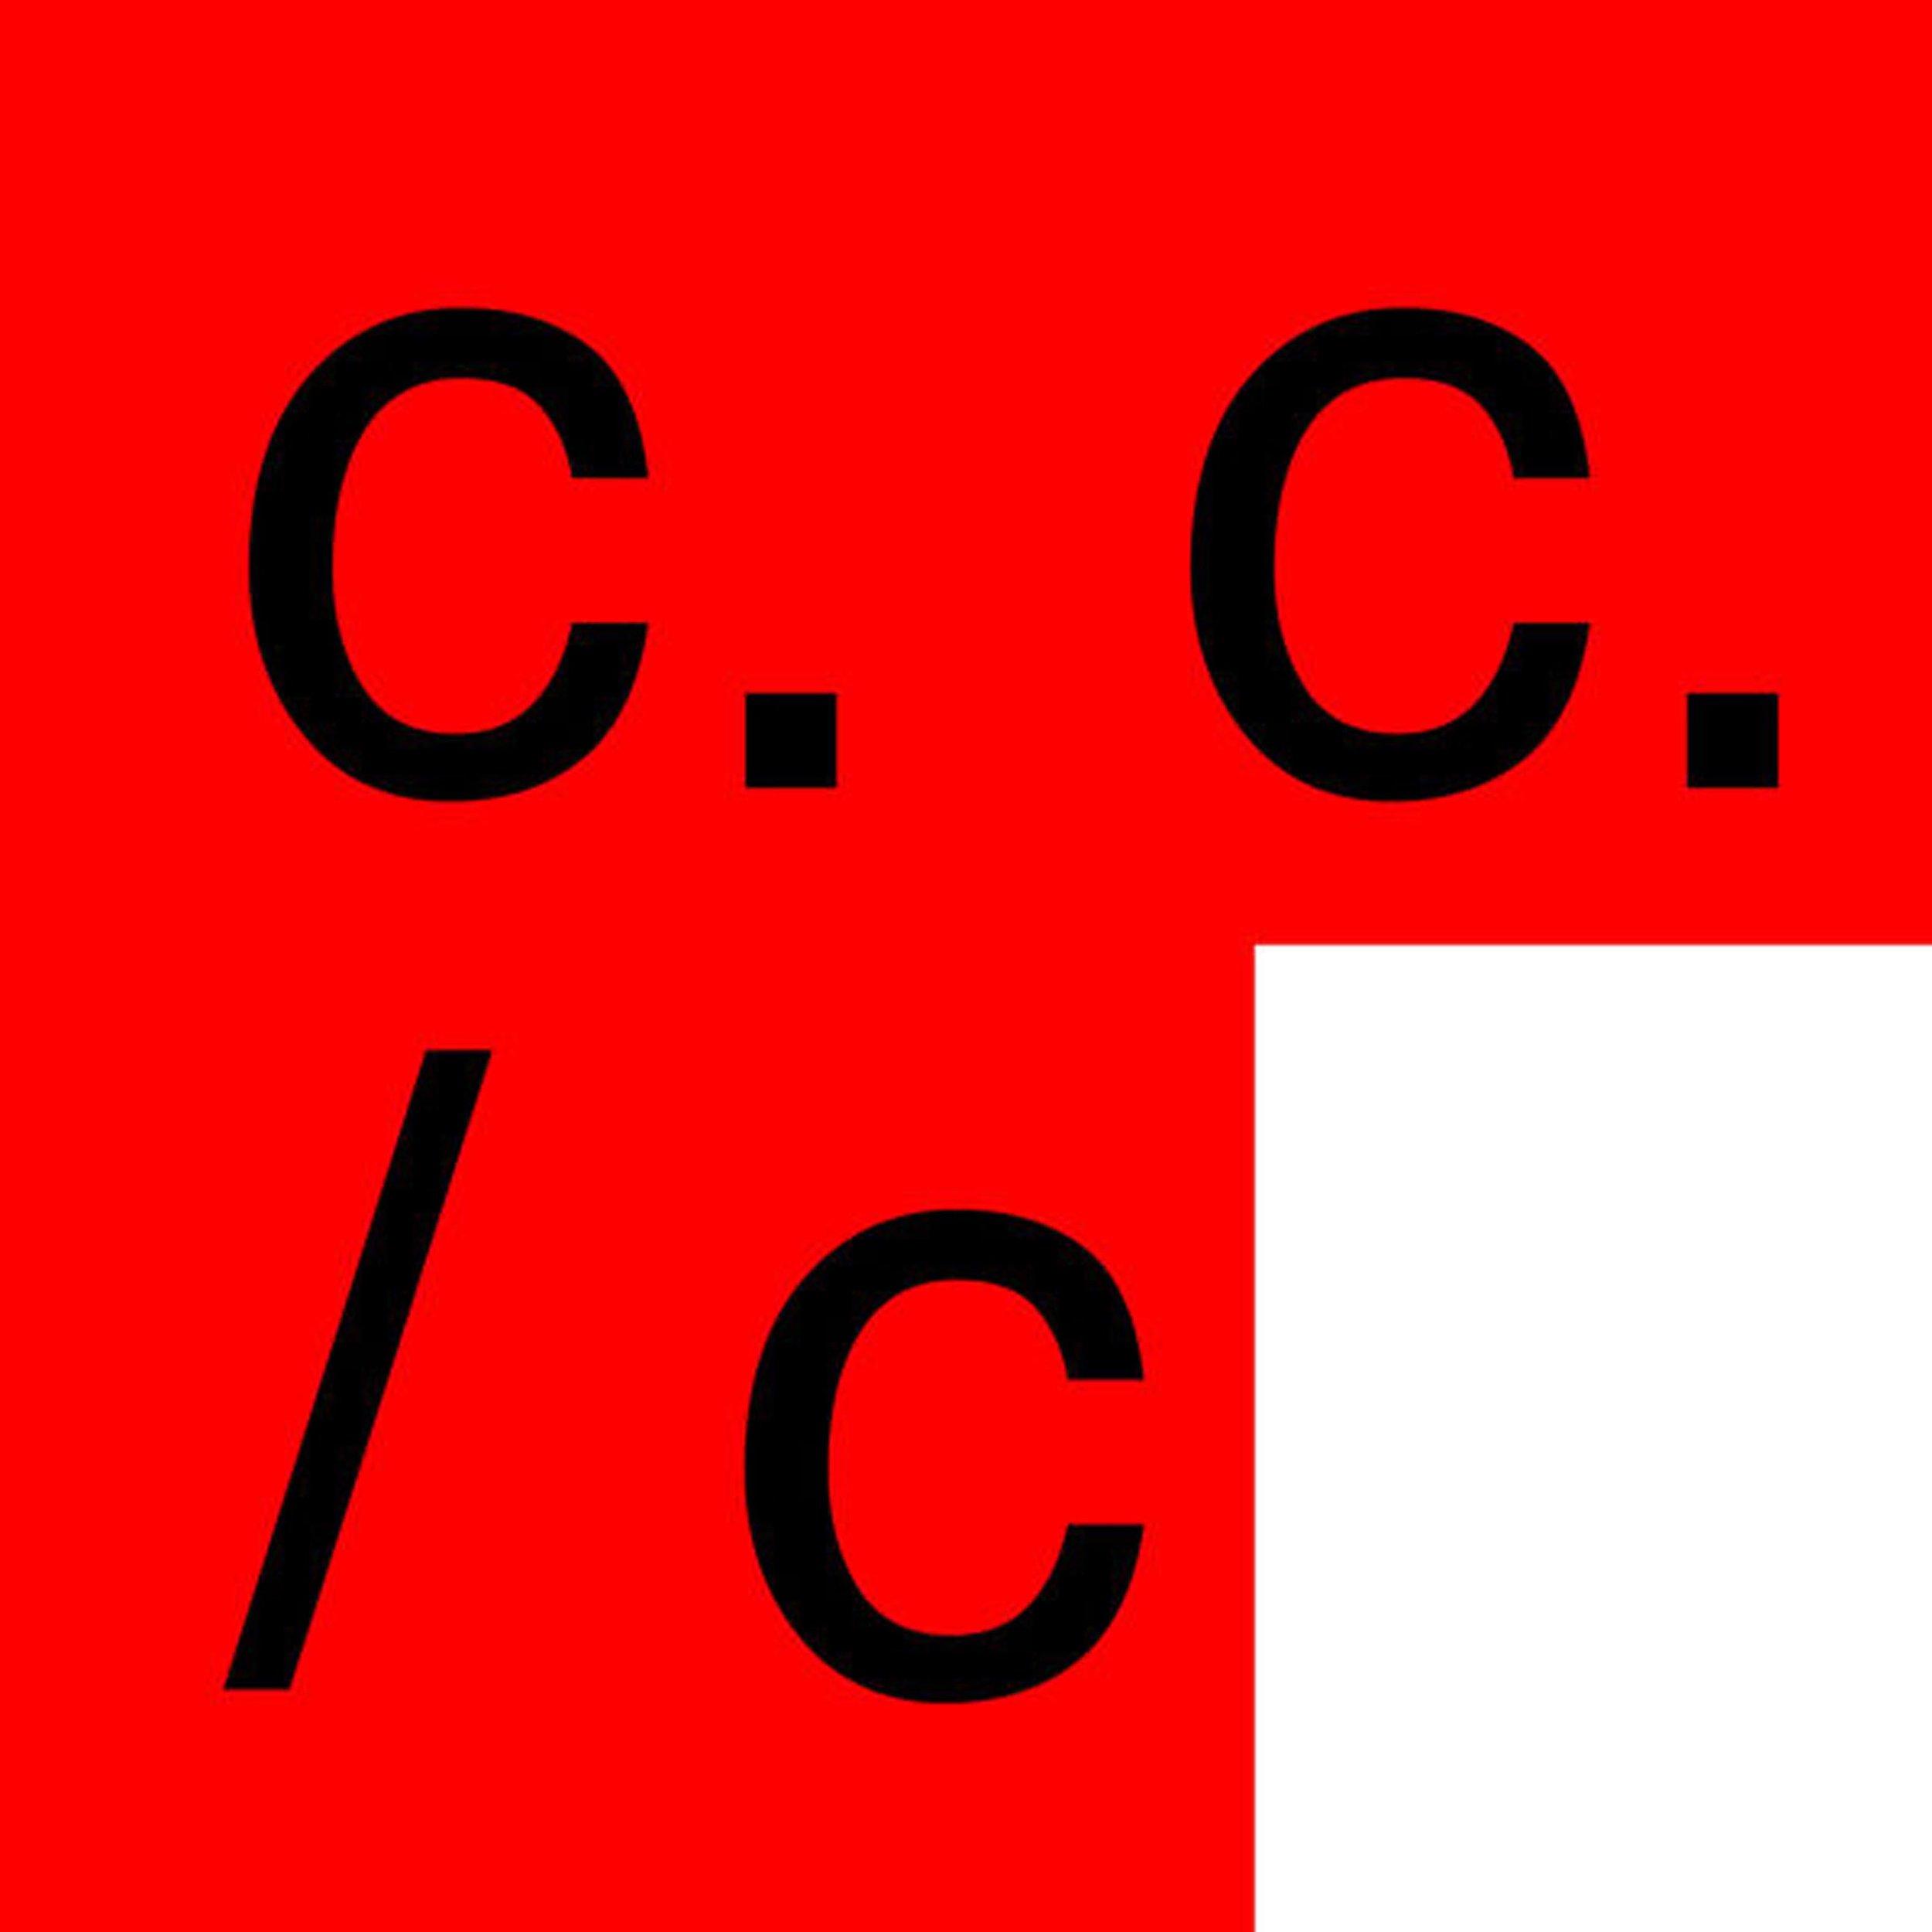 CC_Podcast_Roskilde_Denmark.jpg